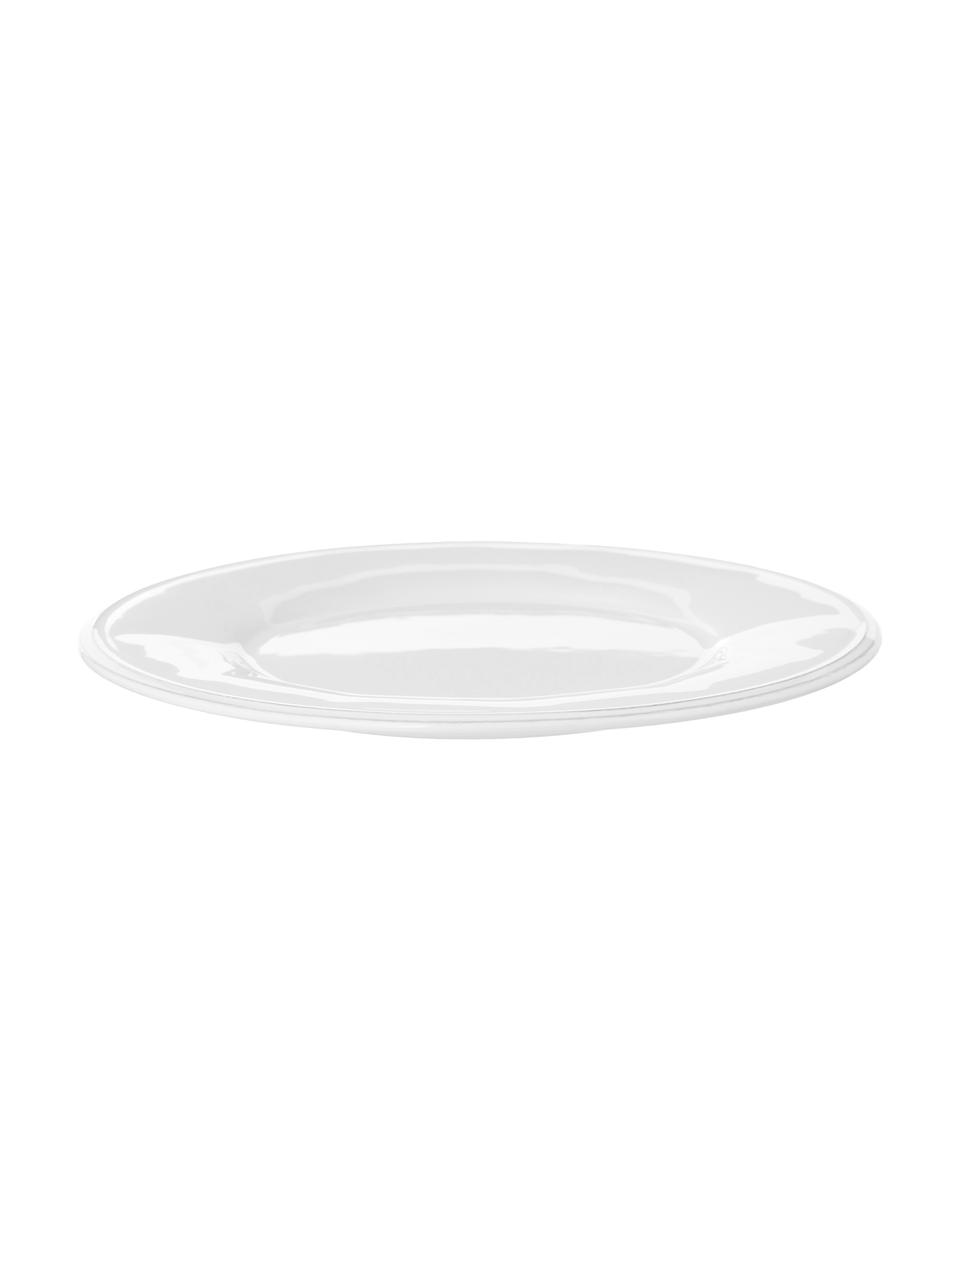 Piattino da dessert bianco Constance 2 pz, Terracotta, Bianco, Ø 24 cm